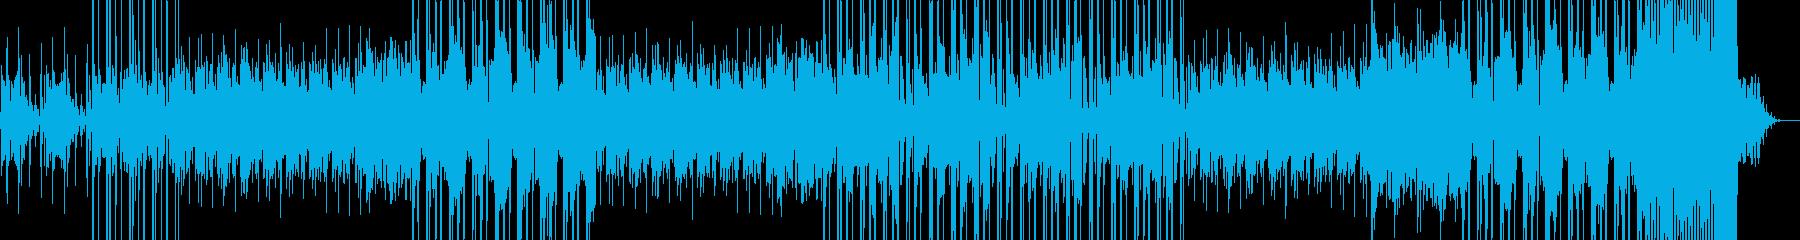 ブレイクビーツとギターリフの再生済みの波形